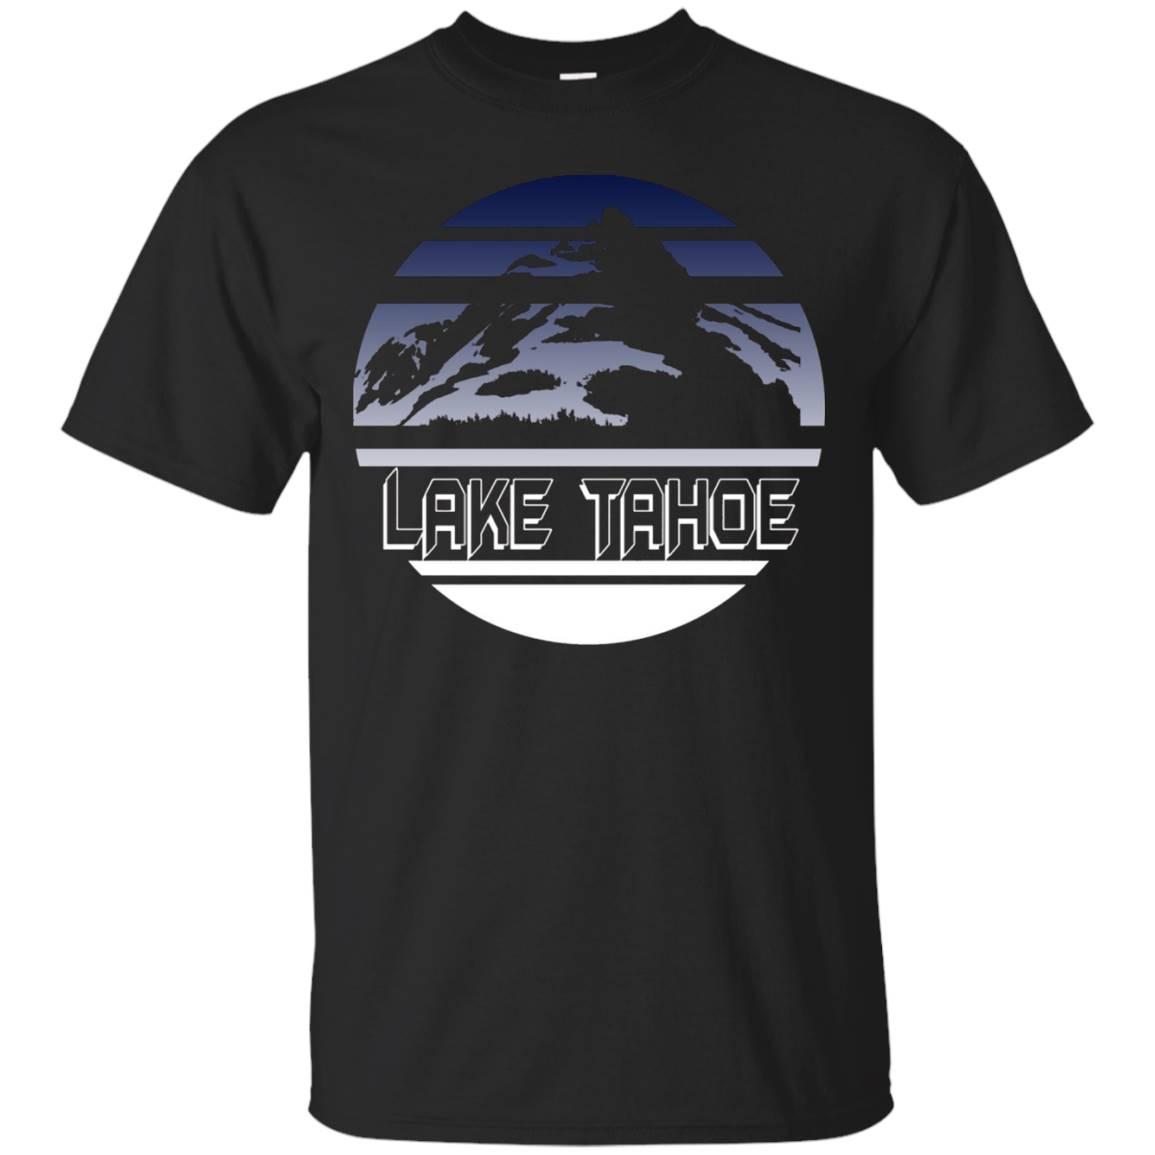 Lake Tahoe Mountain Shirt